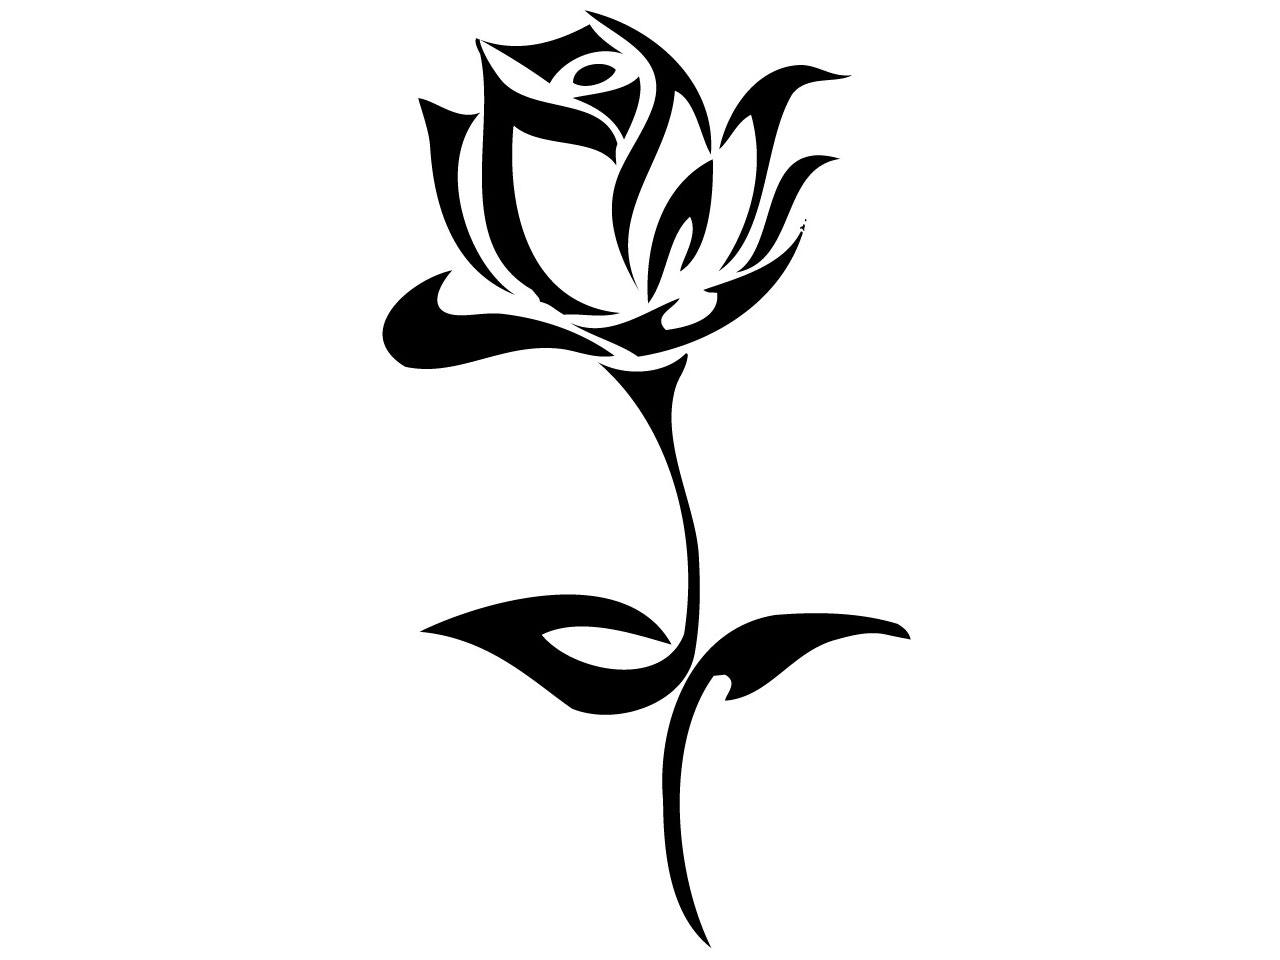 Black And White Sunflower Tattoo Clipart Panda